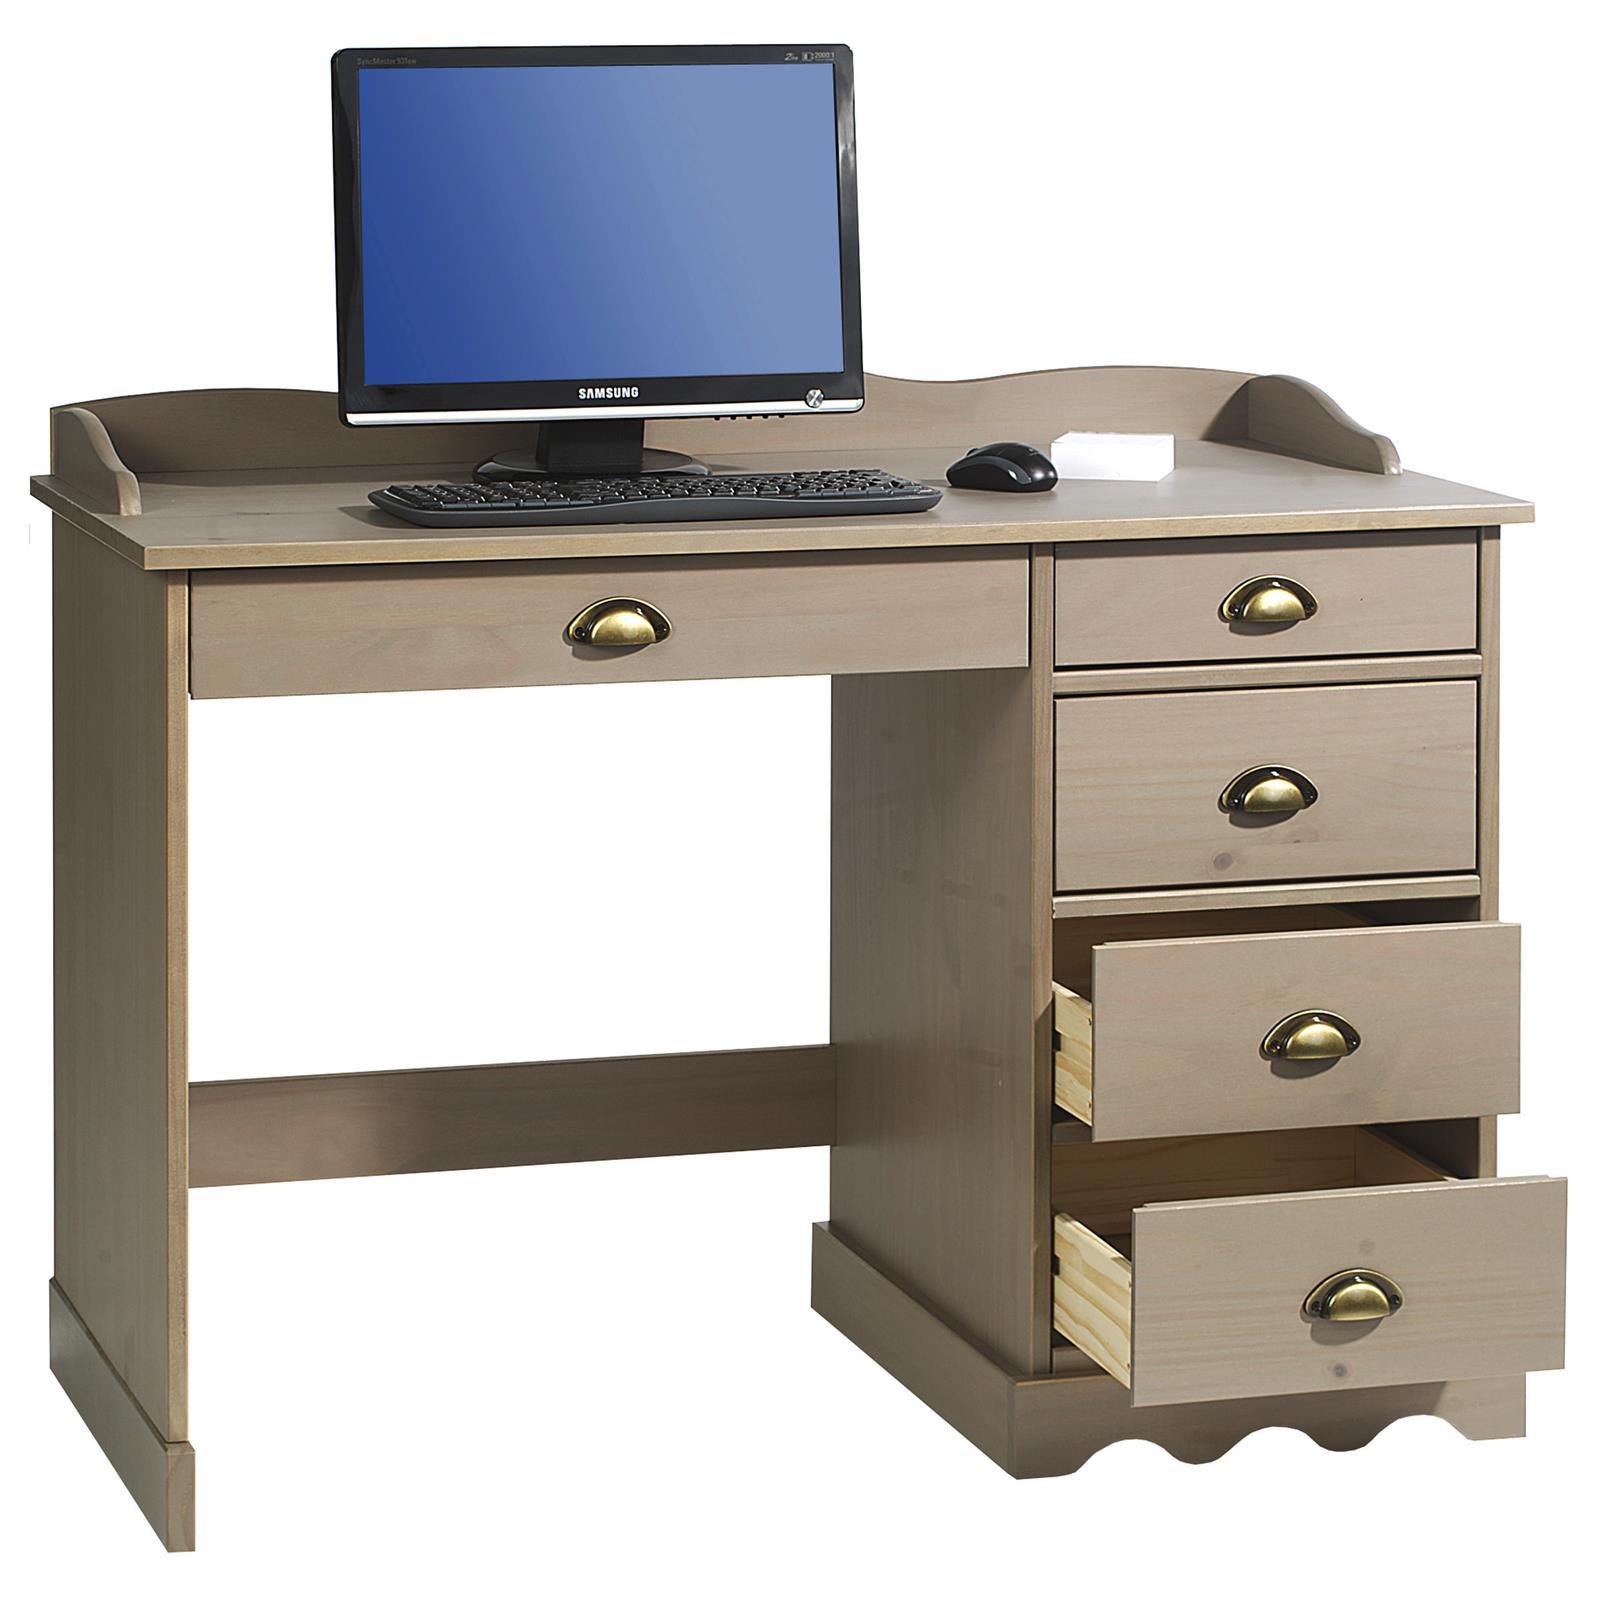 schreibtisch colette mit aufsatz in taupe mobilia24. Black Bedroom Furniture Sets. Home Design Ideas